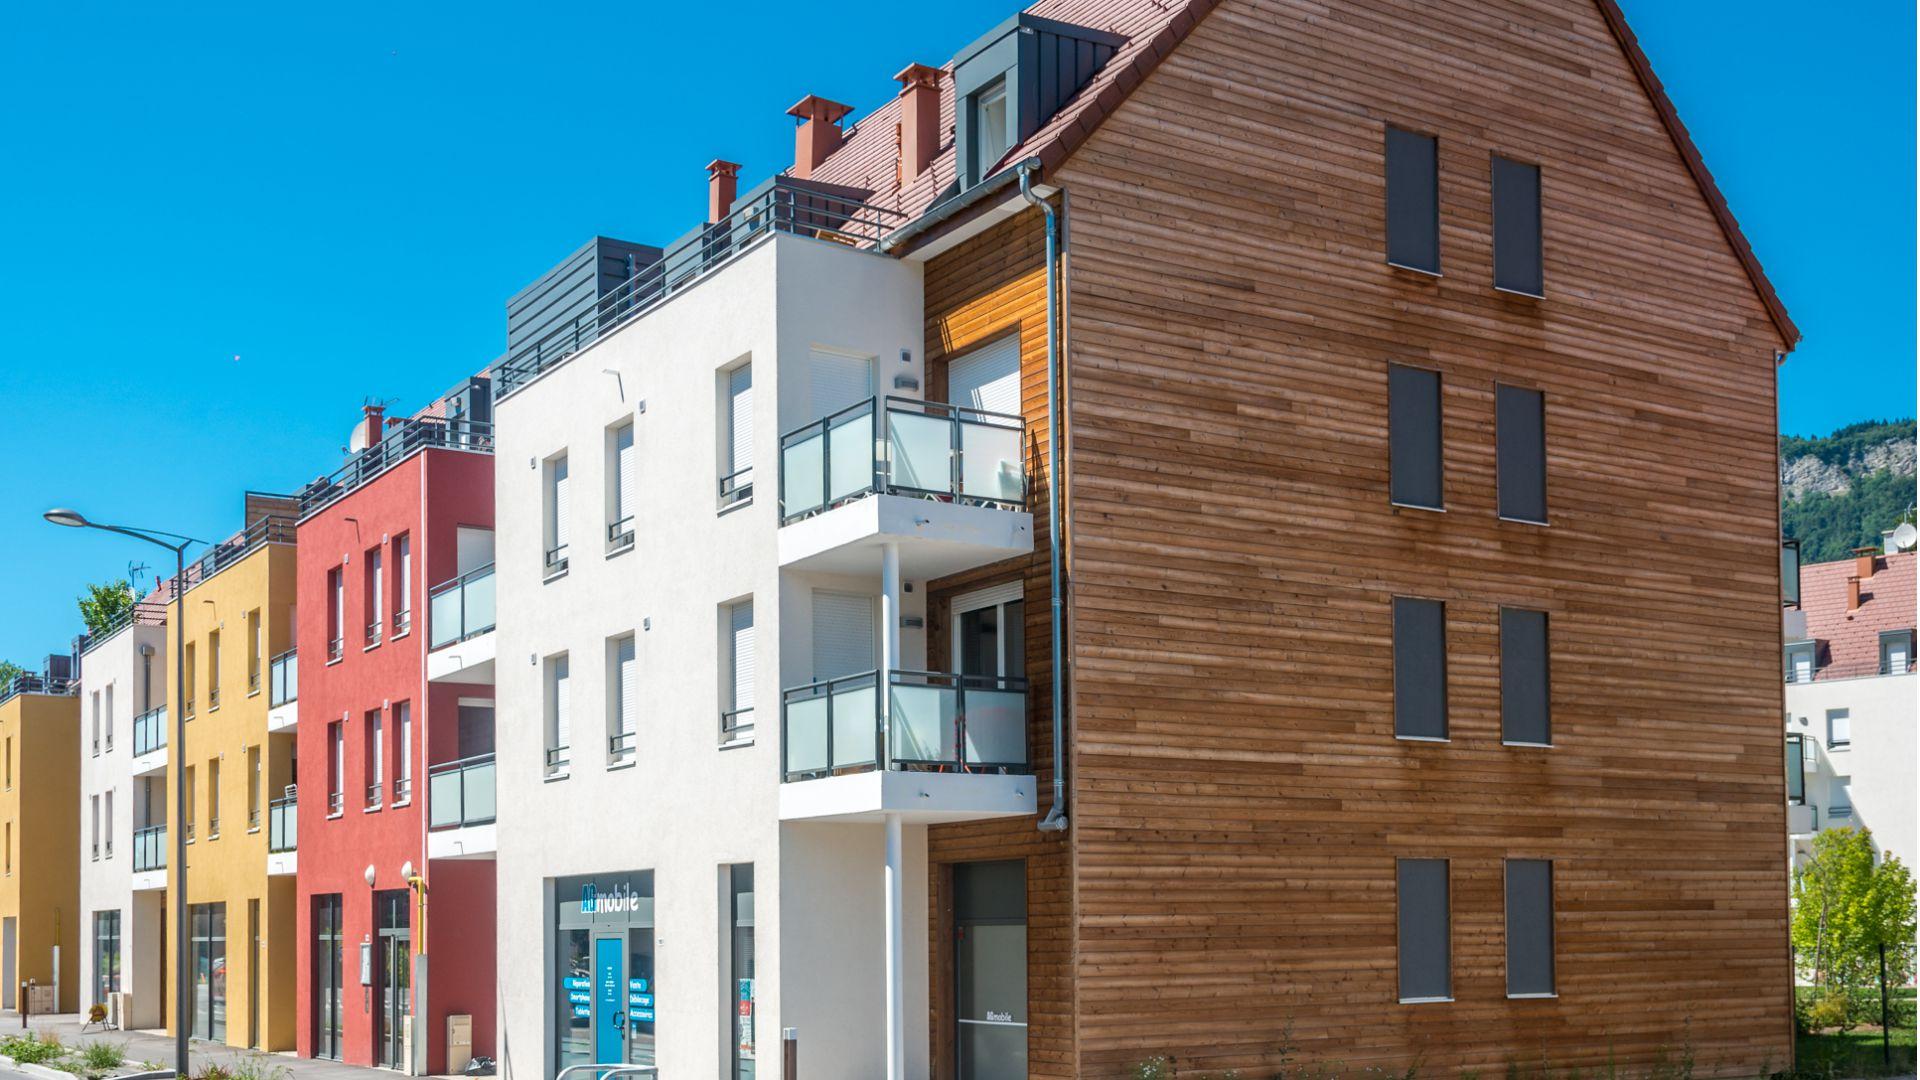 Greencity Immobilier - Résidence Les Terrasses des Glières - 74130 Bonneville - Location